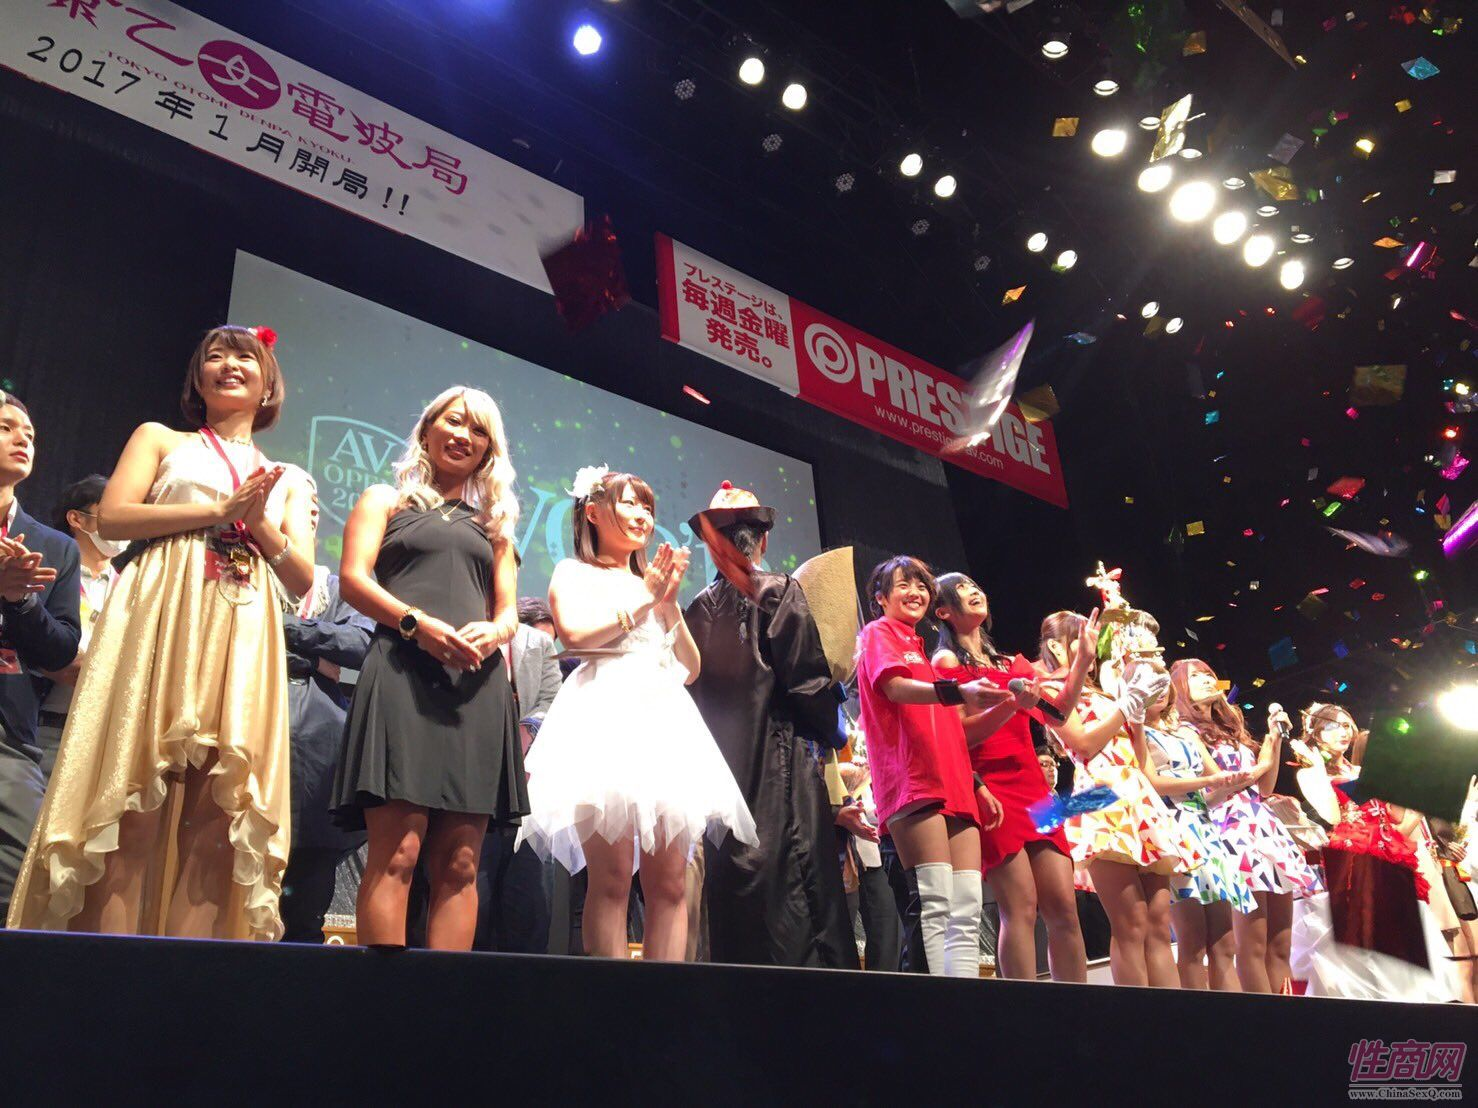 2016日本成人展JapanAdultExpo颁奖典礼2图片2